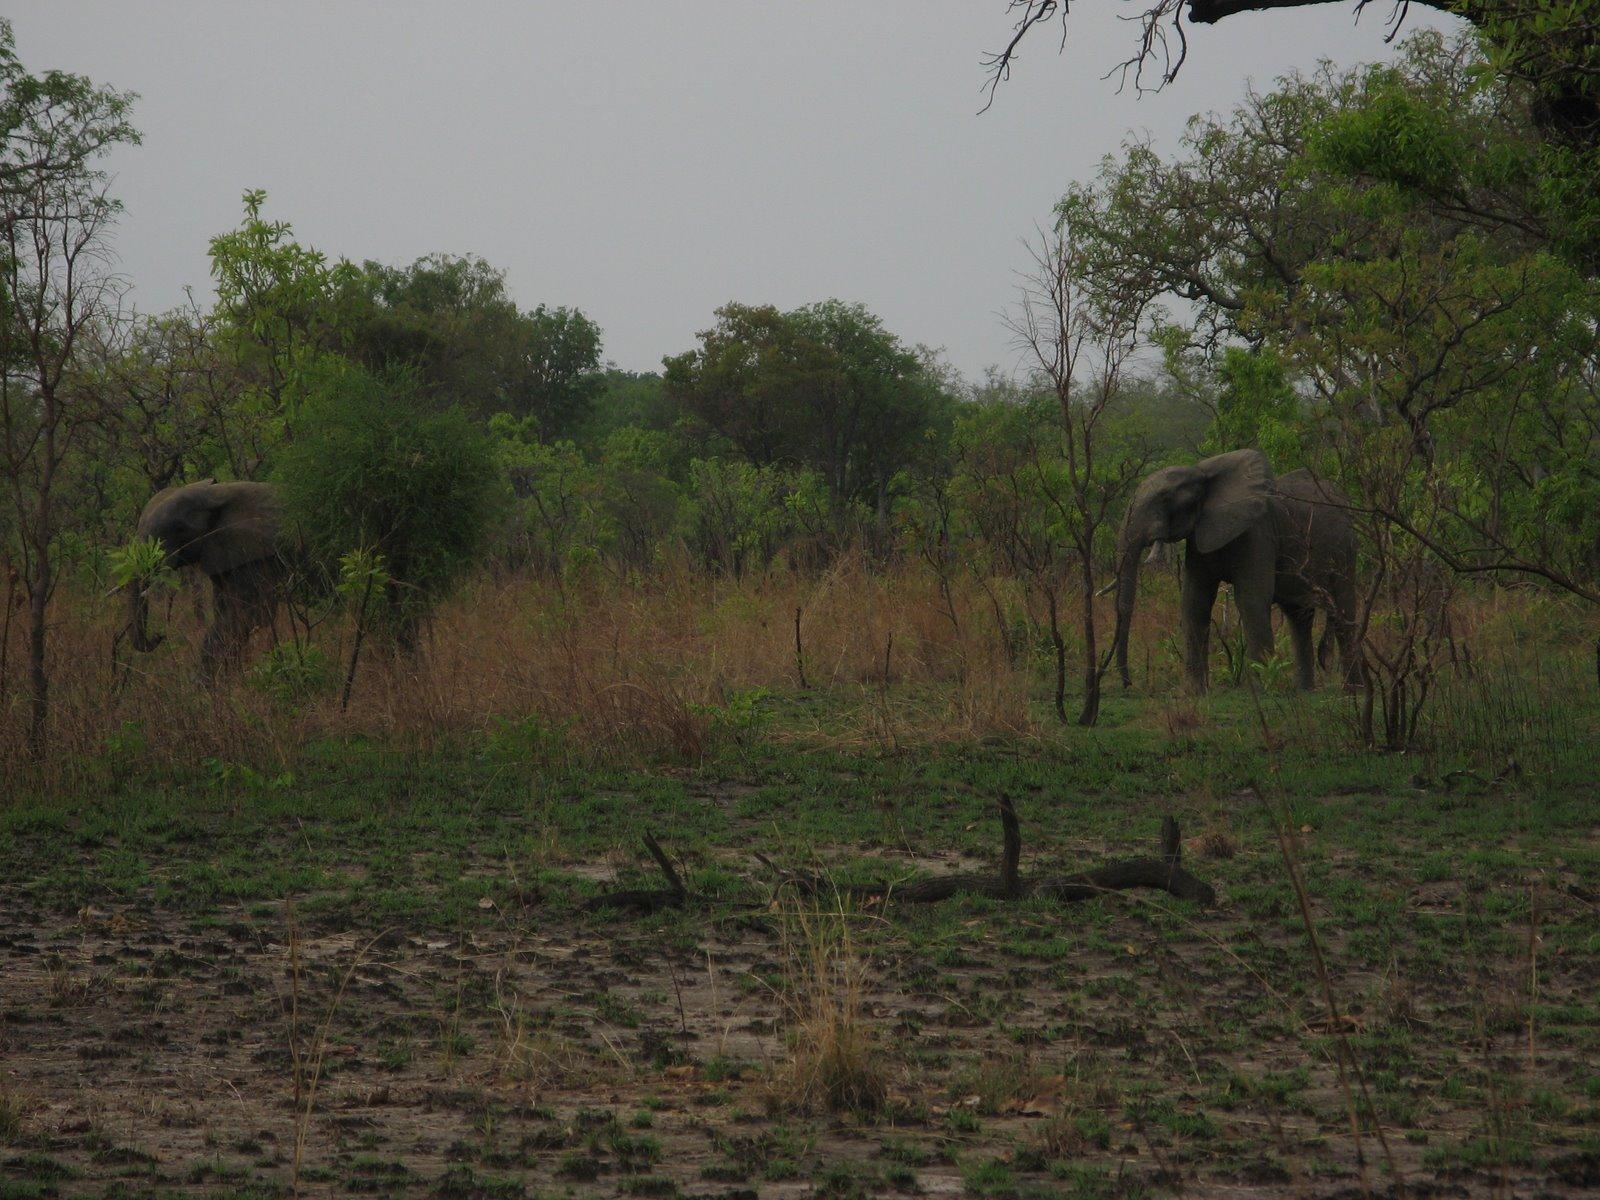 [Elephants]